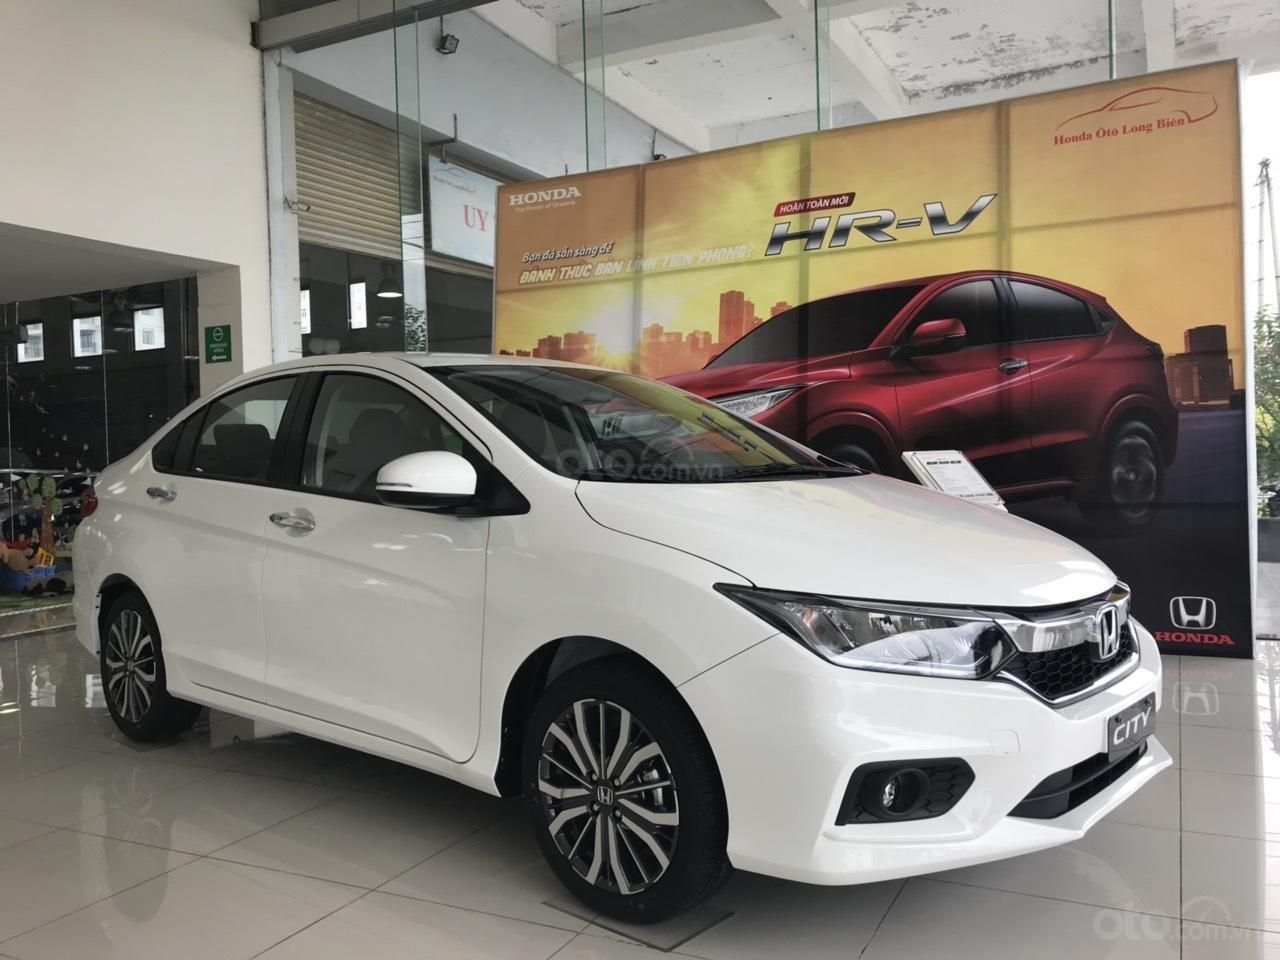 Giảm giá sốc cuối năm chiếc xe Honda City Top 1.5 đời 2019, màu trắng - Có sẵn xe - Giao nhanh toàn quốc (4)